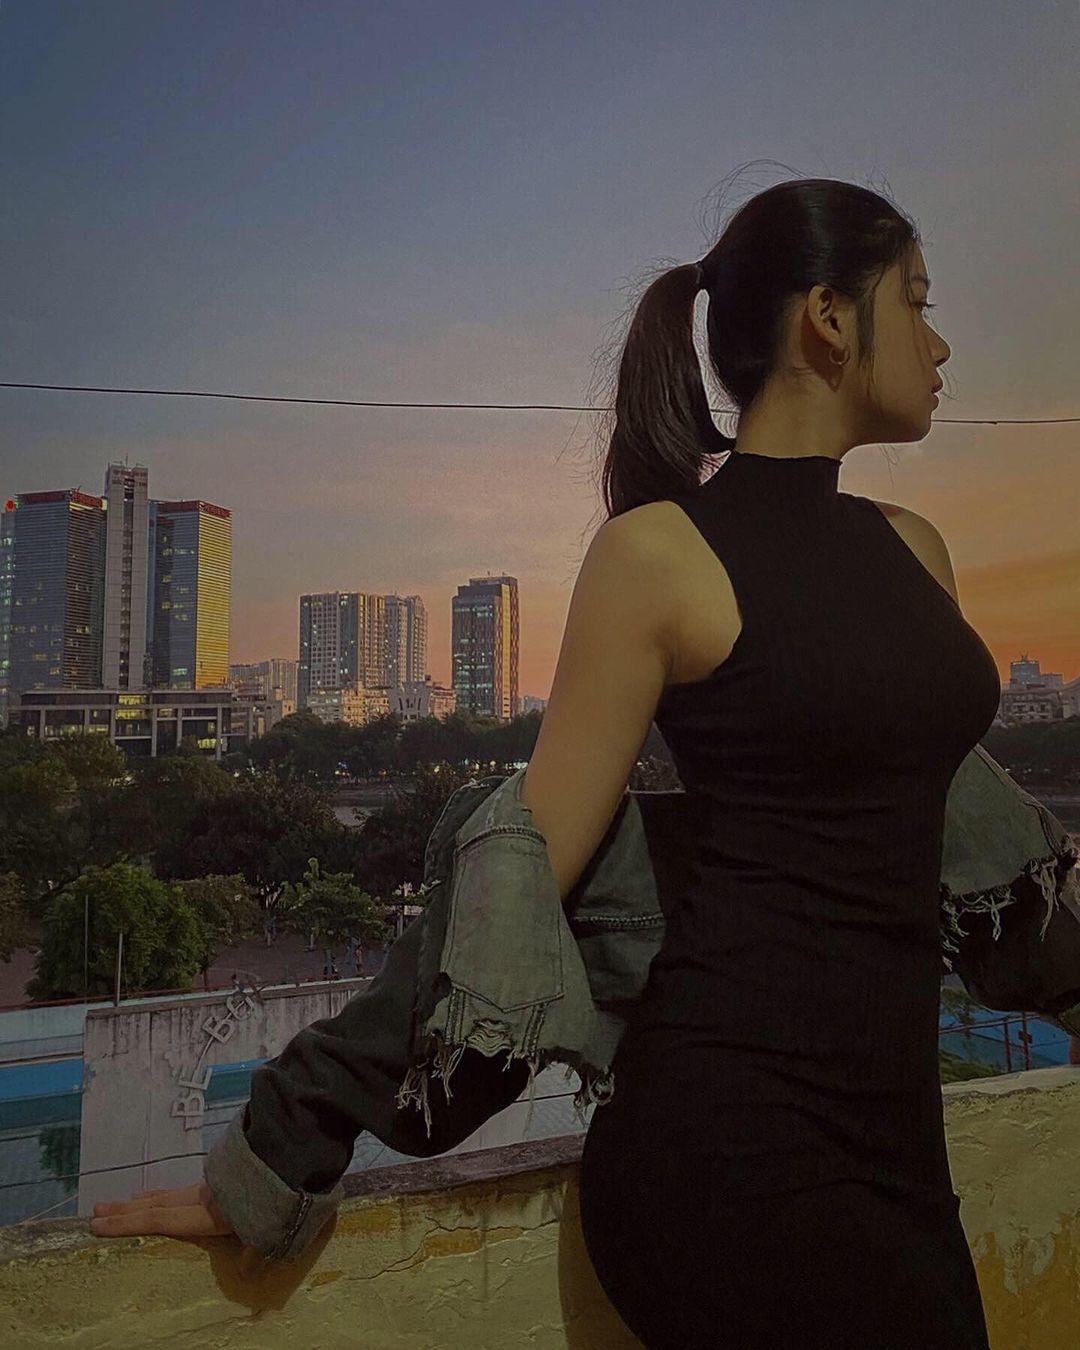 Bật mí về con gái 16 tuổi xinh đẹp của ông Sinh 'Hương vị tình thân'